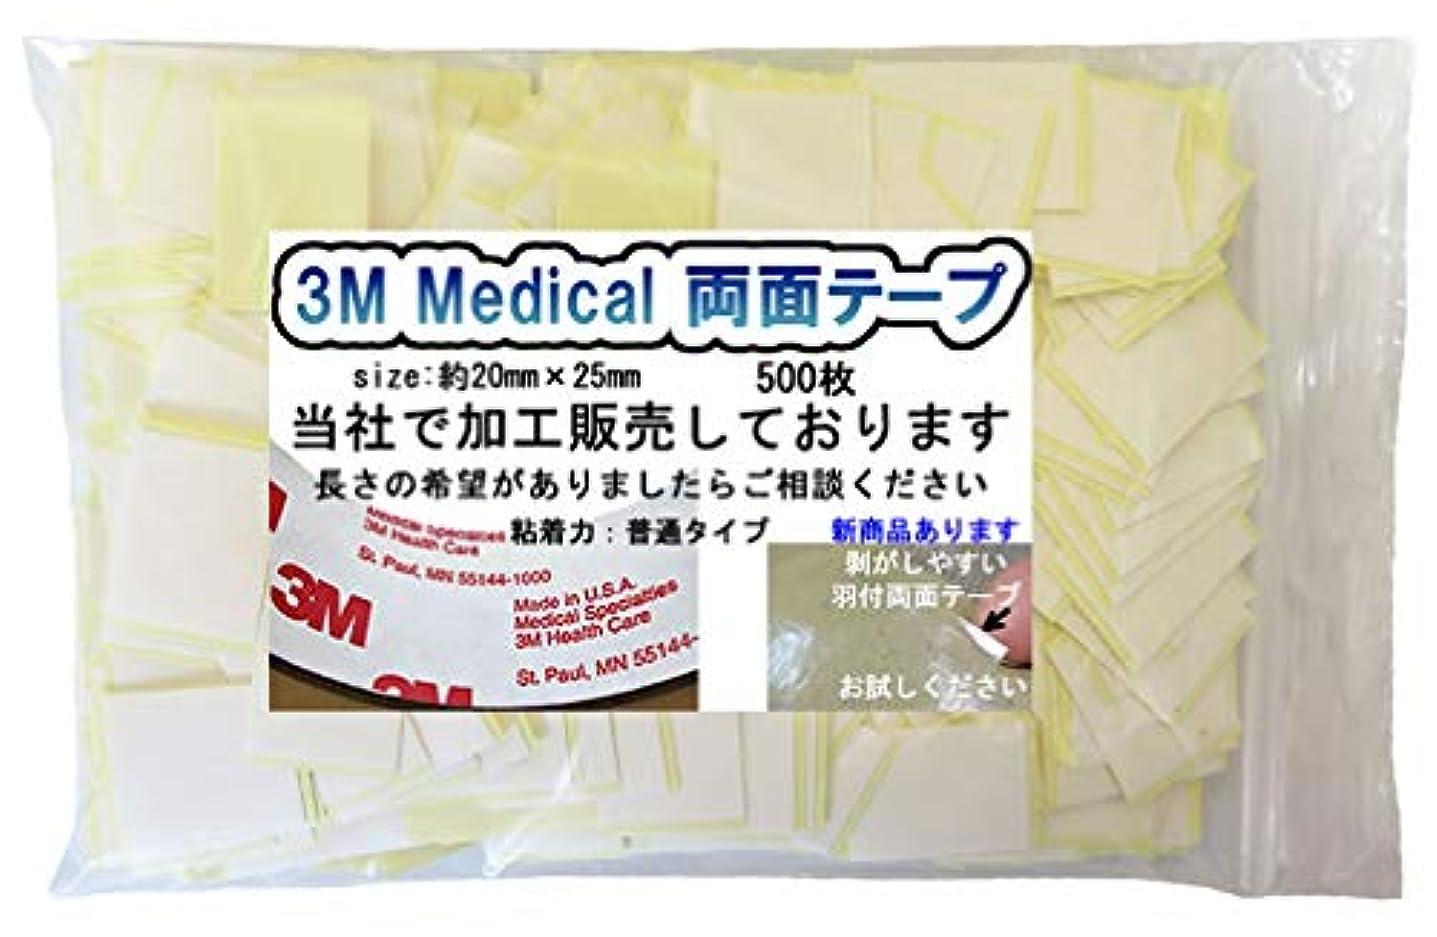 オゾン密助けになる2㎝カット3Mかつら用両面テープ (約500枚入り)